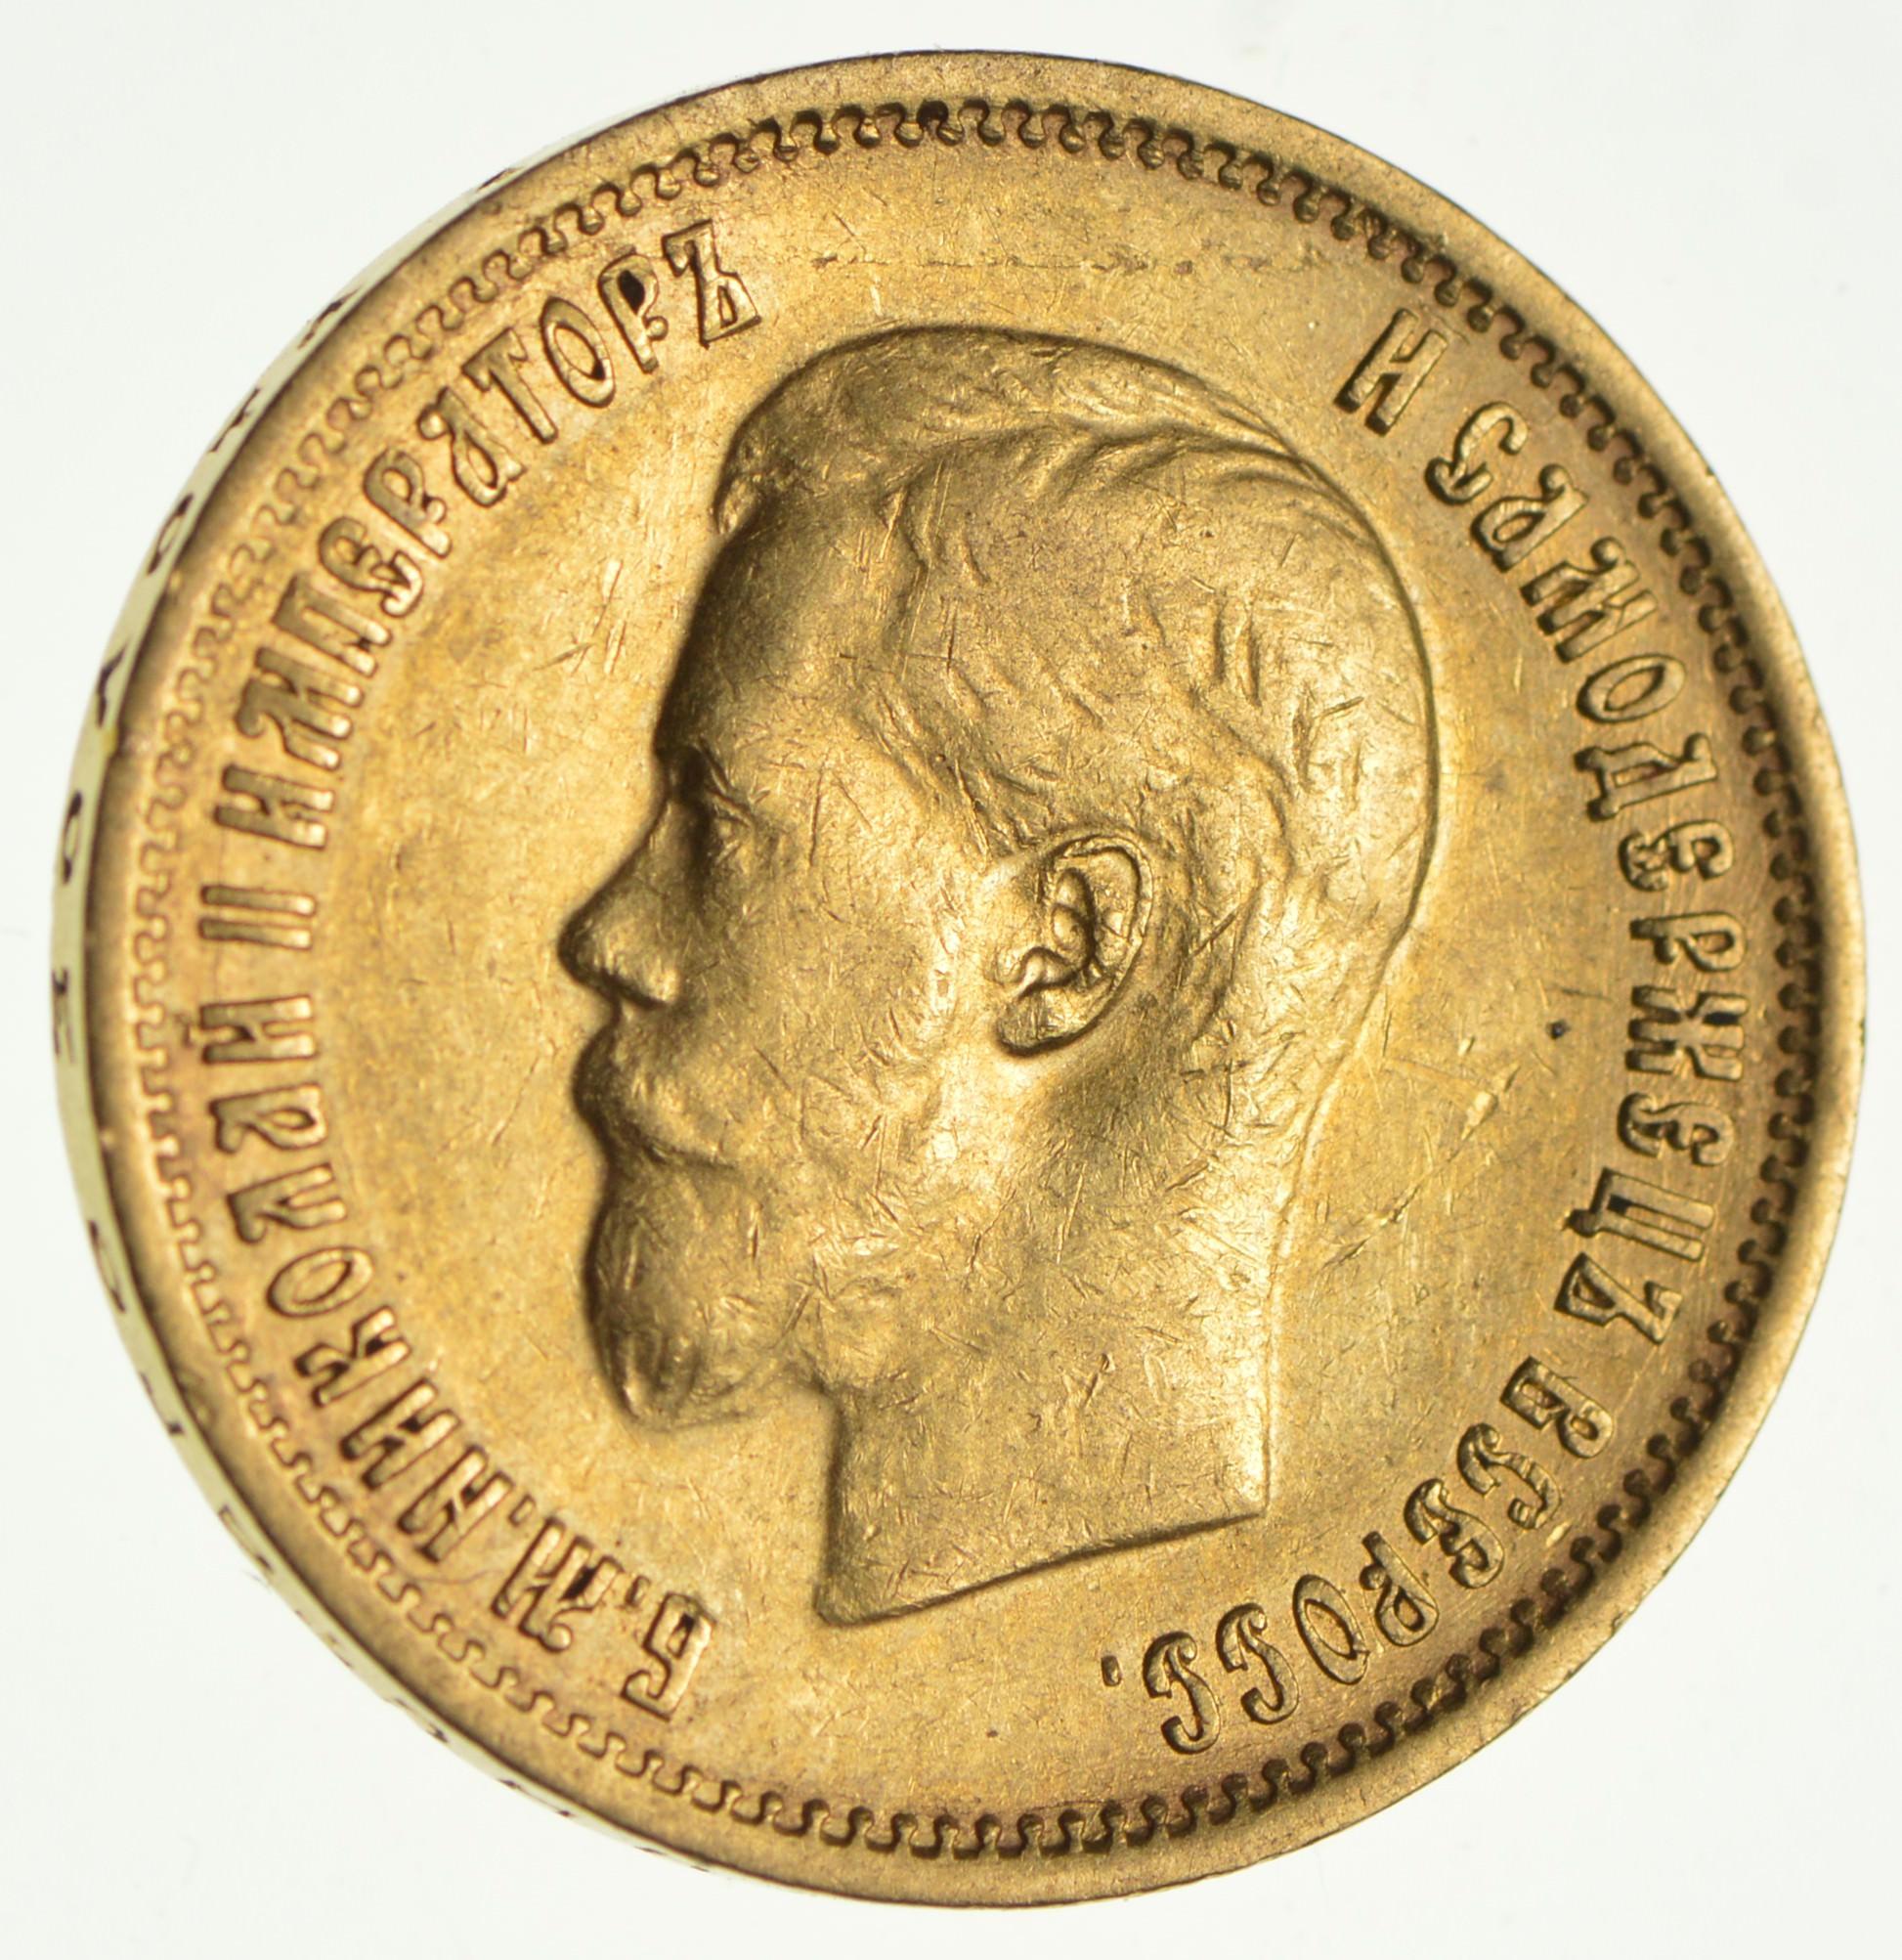 1899 coin